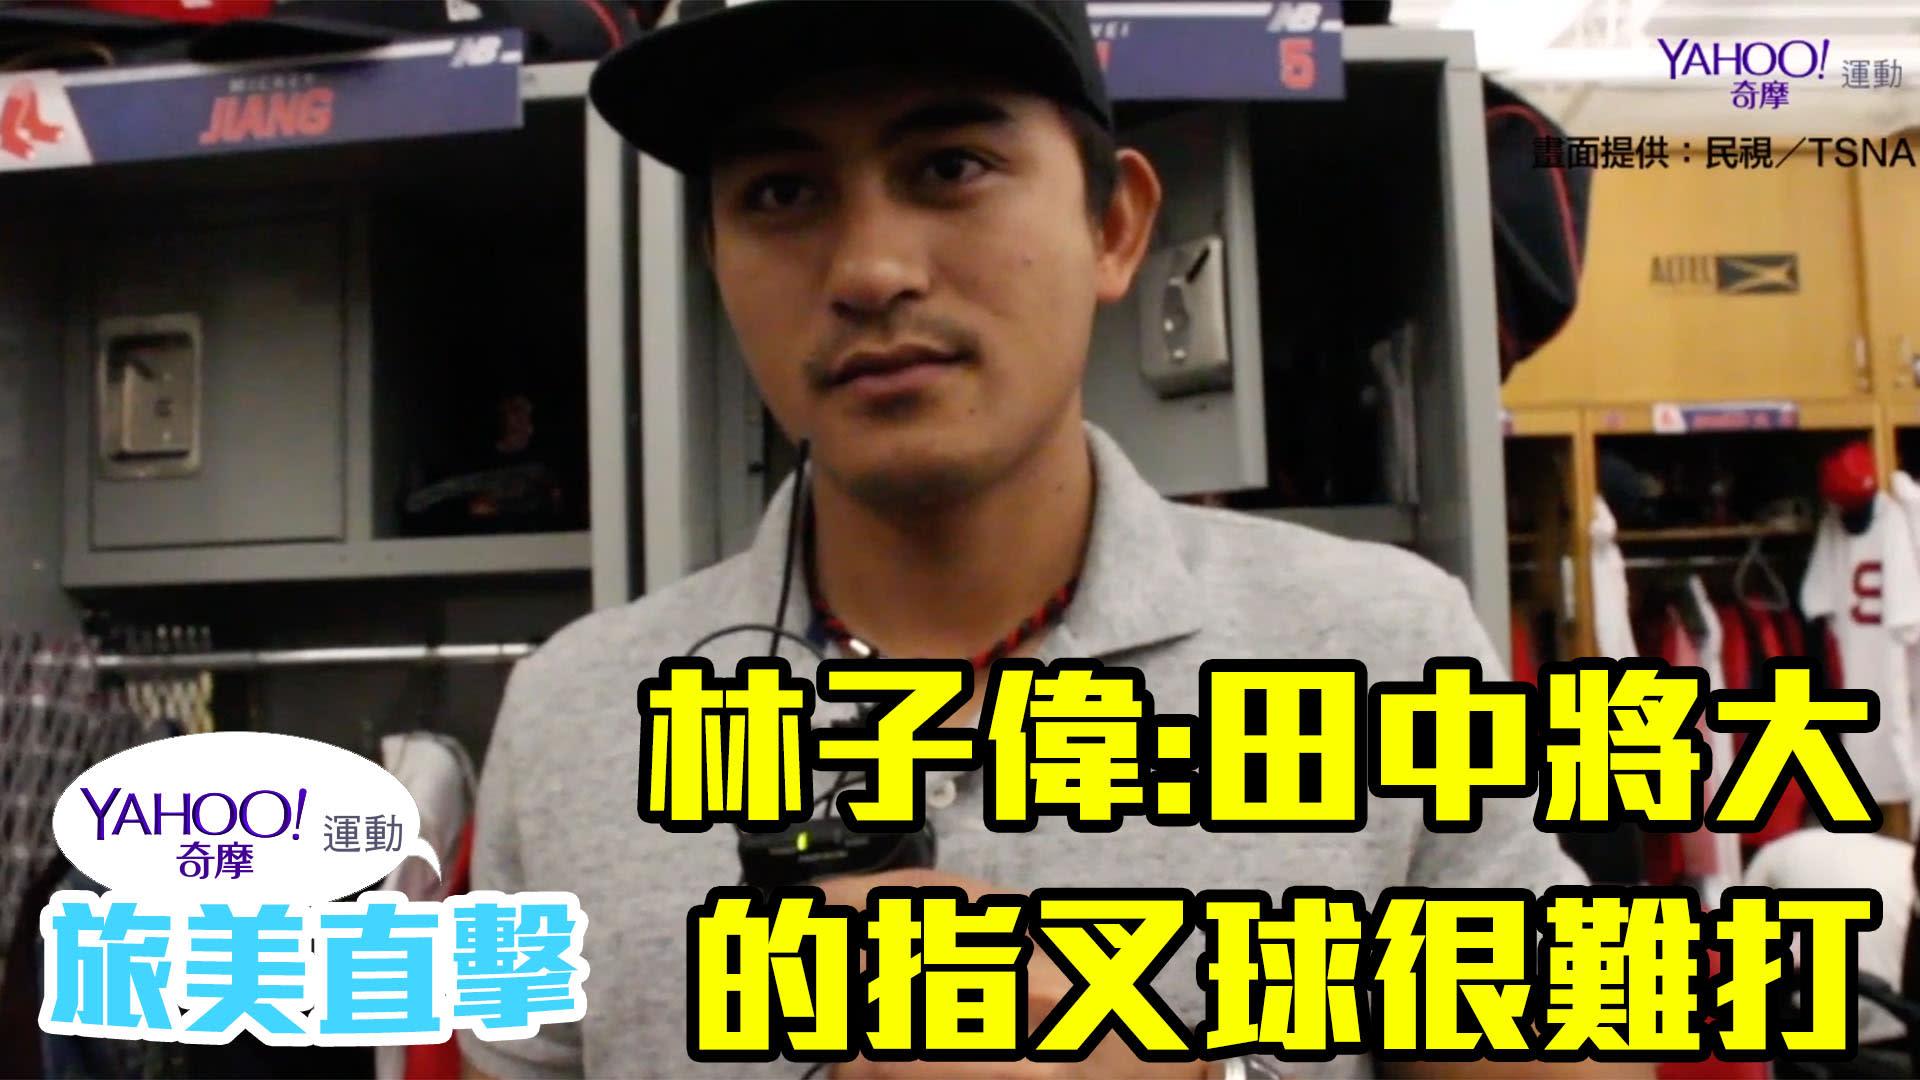 林子偉:田中將大的指叉球很難打